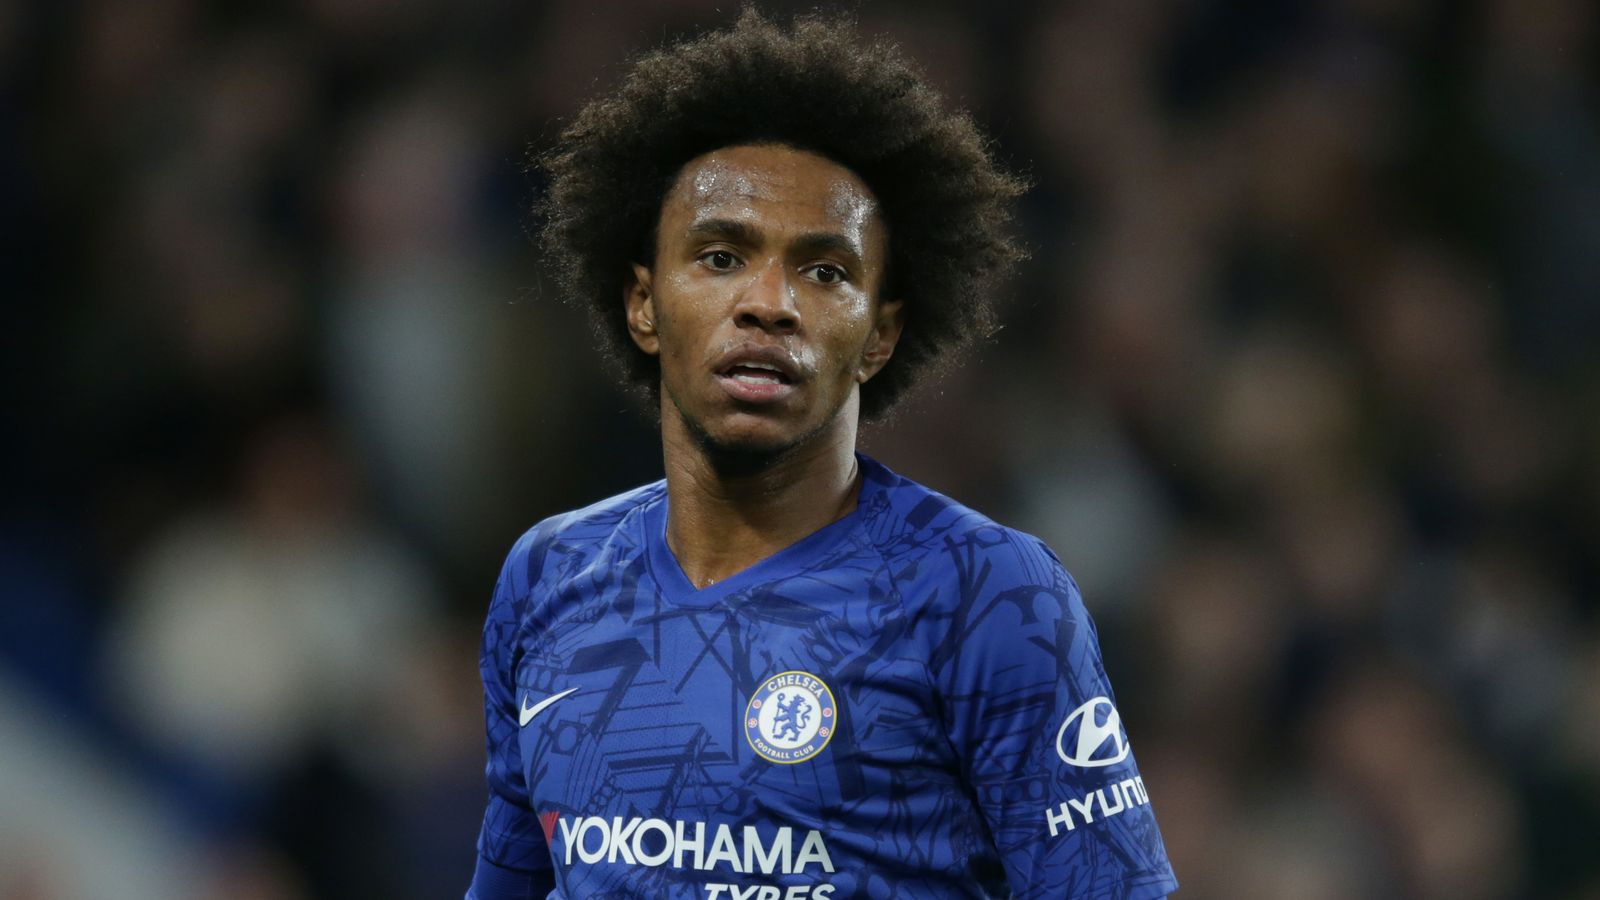 Willian dice que la renovación del contrato del Chelsea más allá del verano es 'improbable' | Noticias de futbol 68